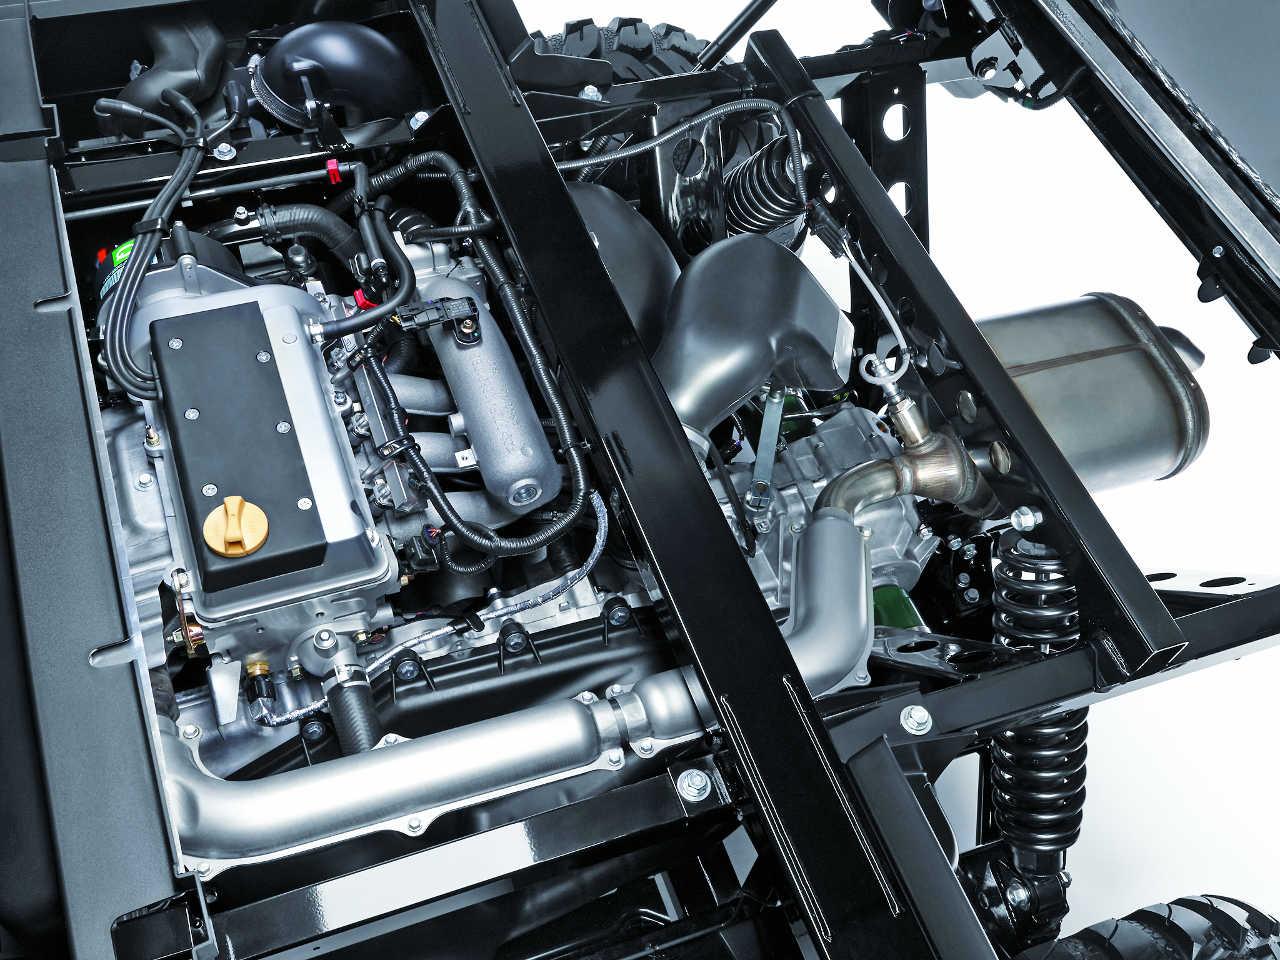 Kawasaki Mule Pro Fxr Top Speed